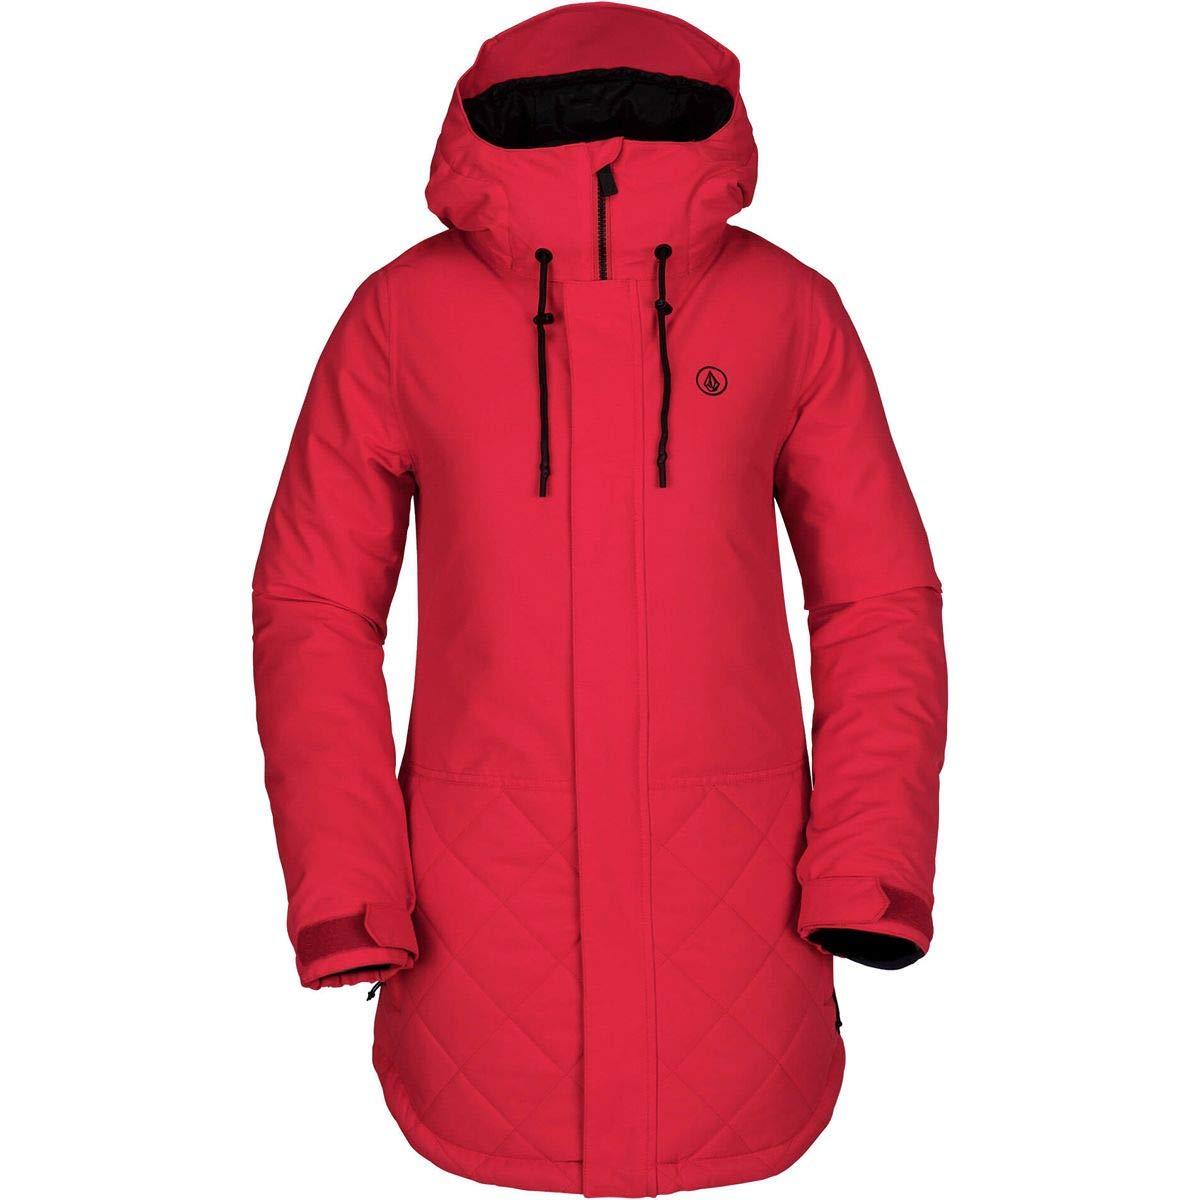 (ボルコム) Volcom Winrose Insulated Jacket レディース ジャケットCrimson [並行輸入品] Crimson 日本サイズ L相当 (US M)